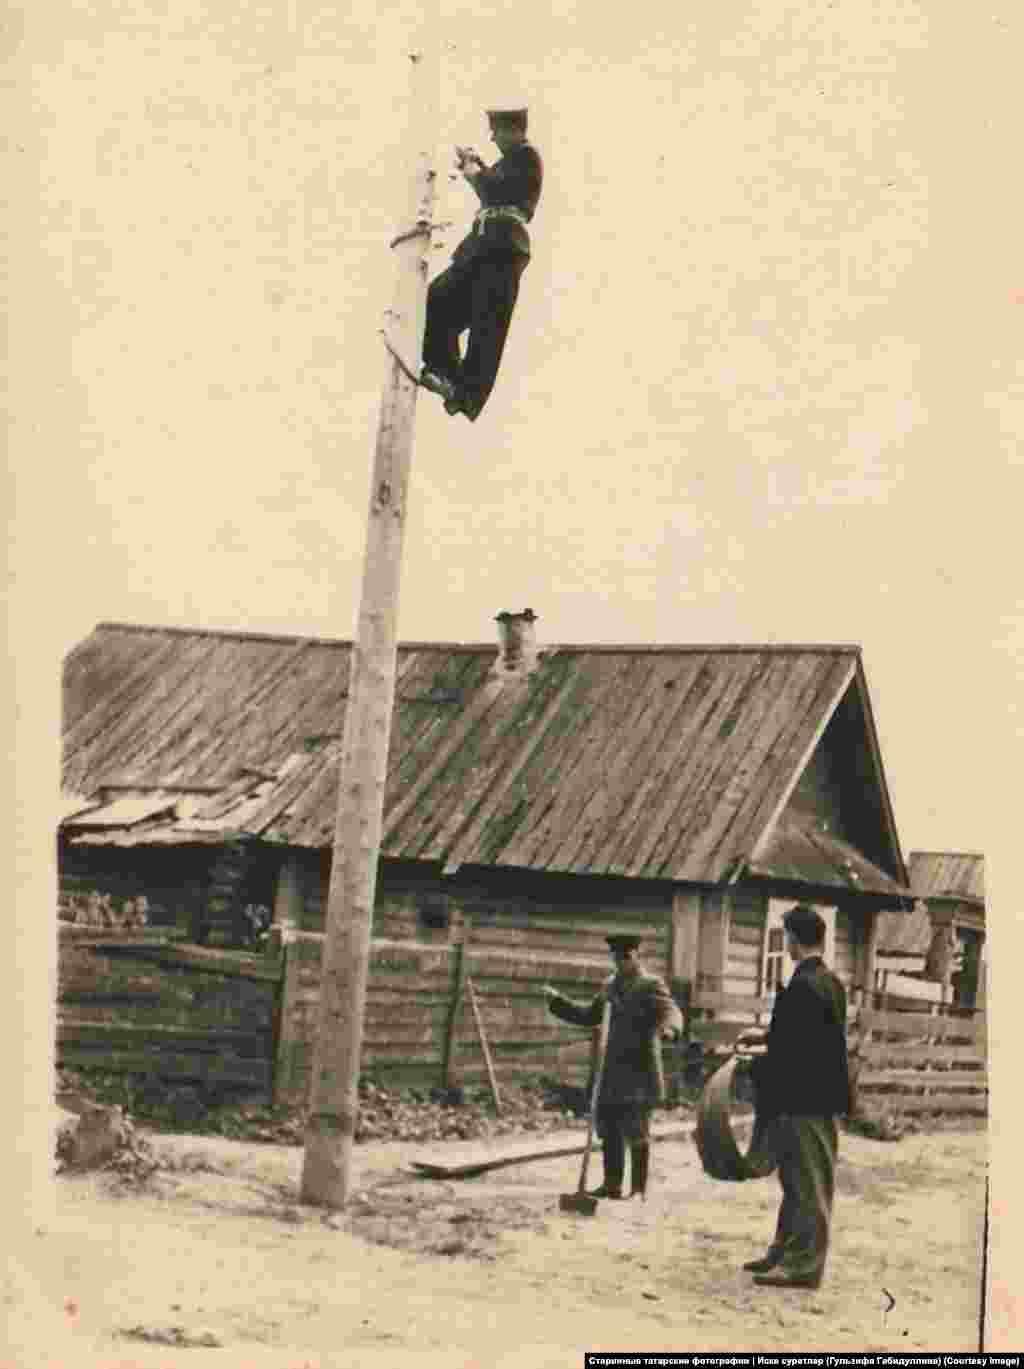 В одной из деревень района, который находится на реке Перенге республики Марий Эл проводят электричество. Фото из архива монтера Владилена абый Вагапова, без даты